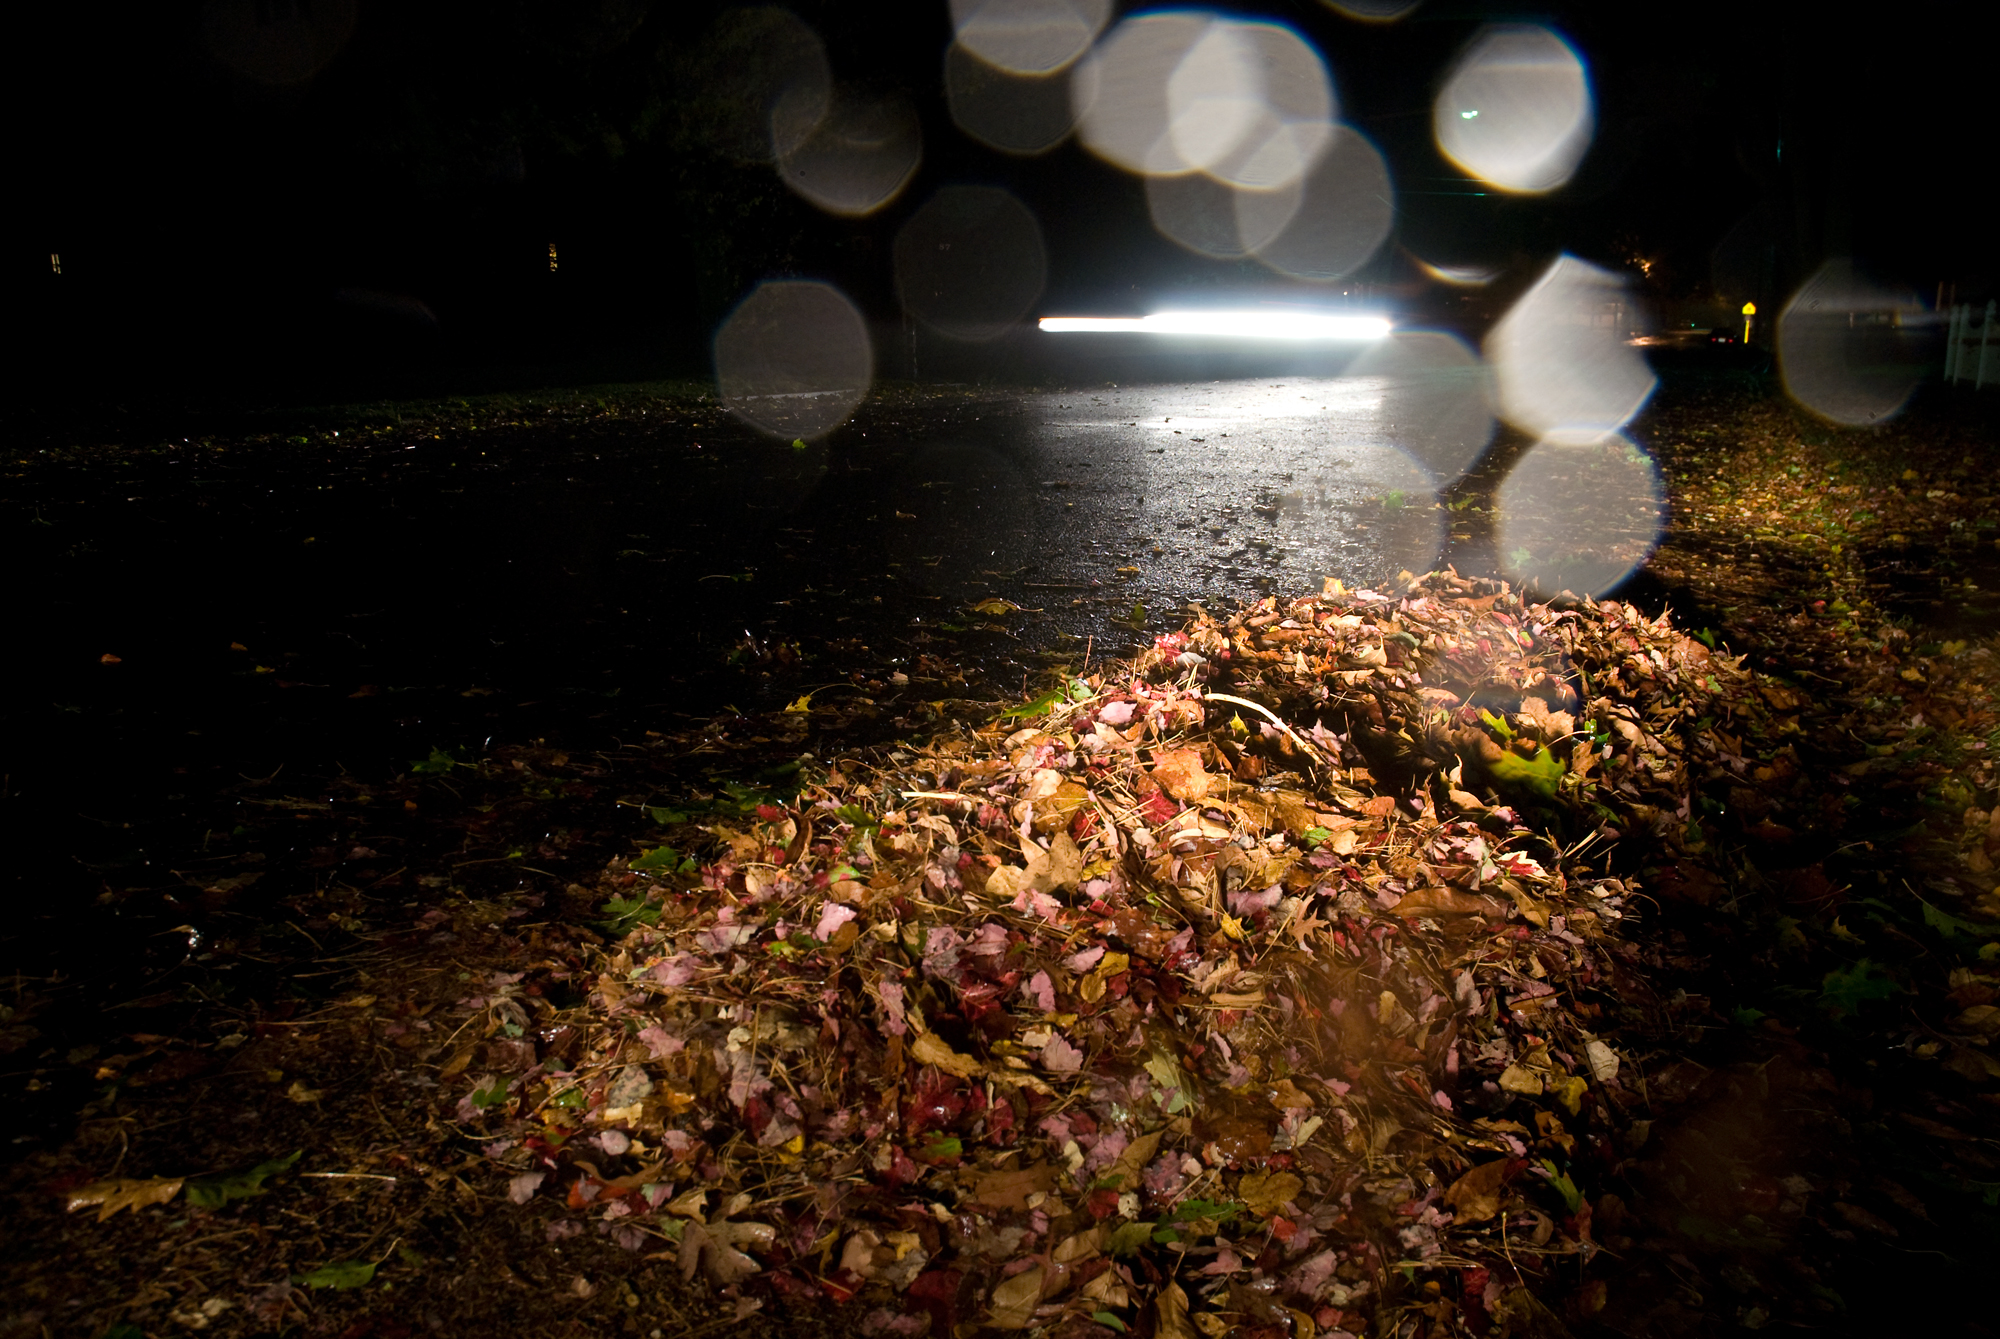 13_Leaves